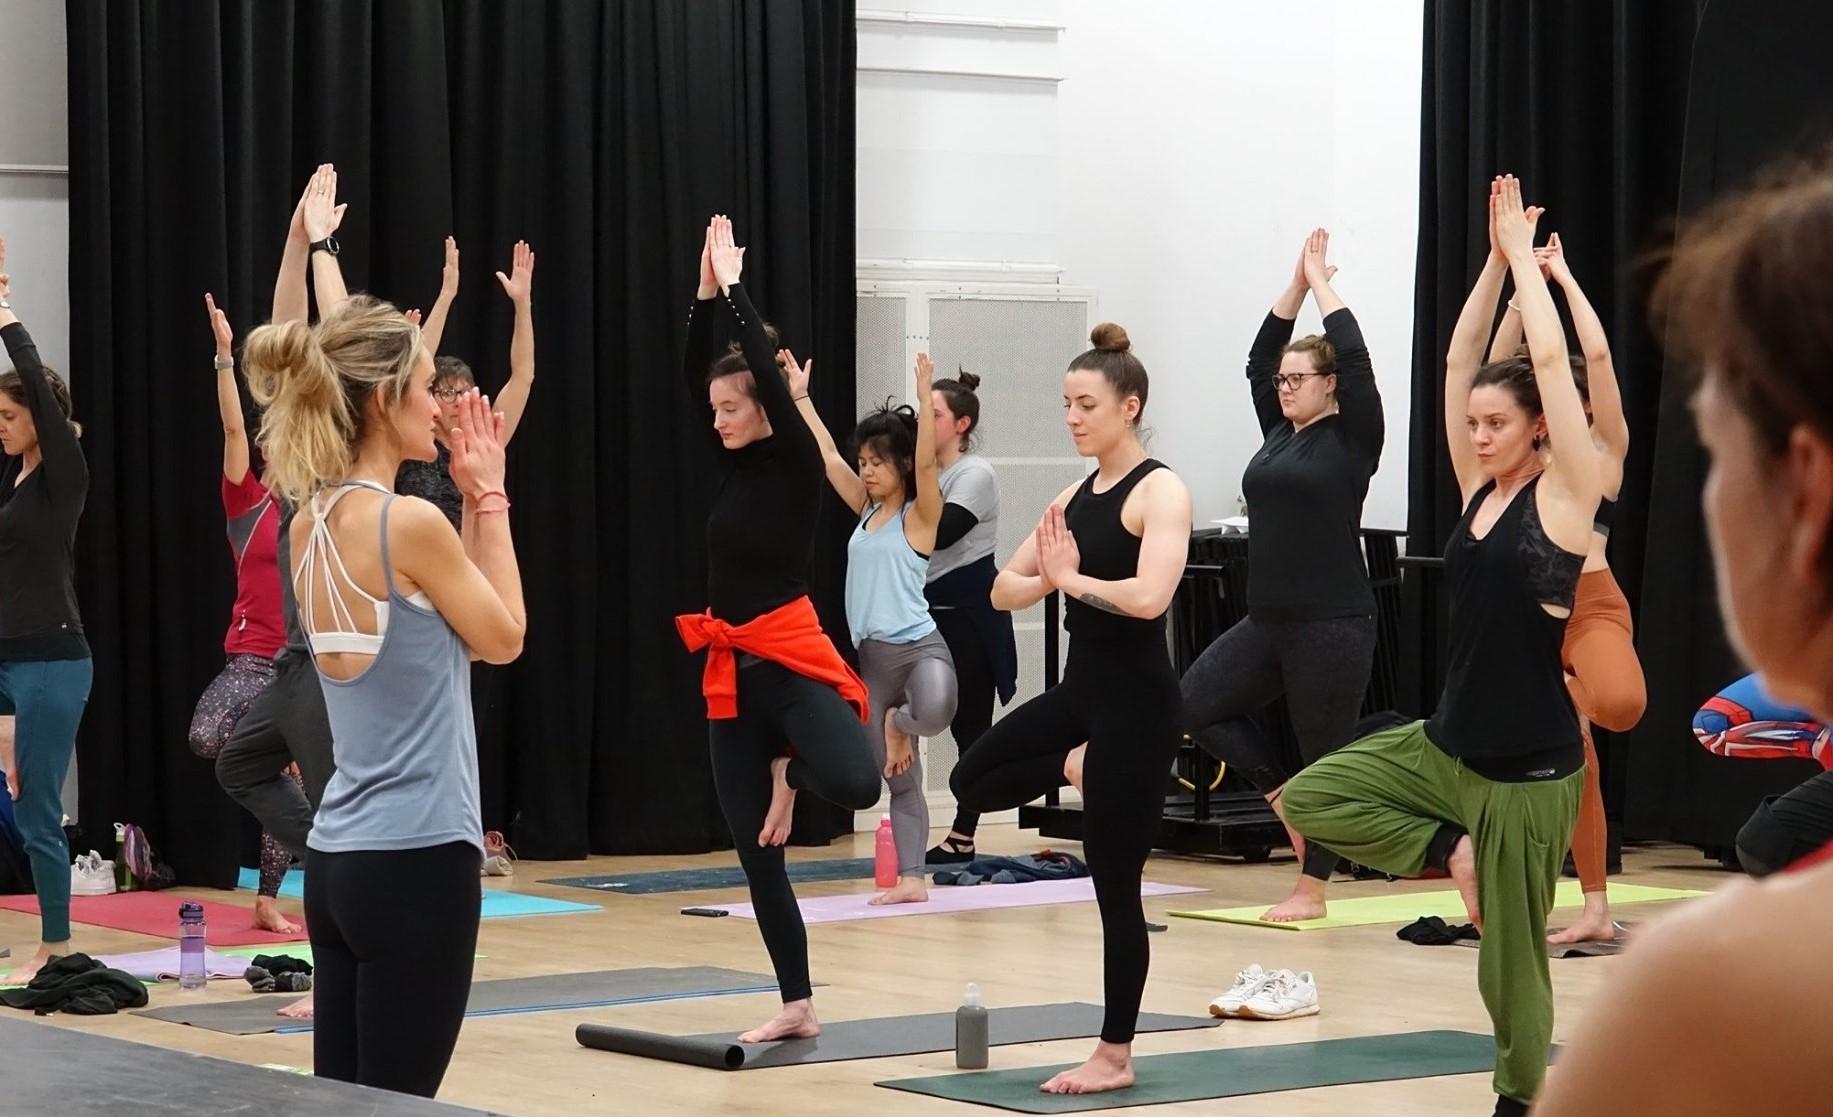 Yoga Maidenhead; Yoga classes Maidenhead; Yoga classes in Maidenhead